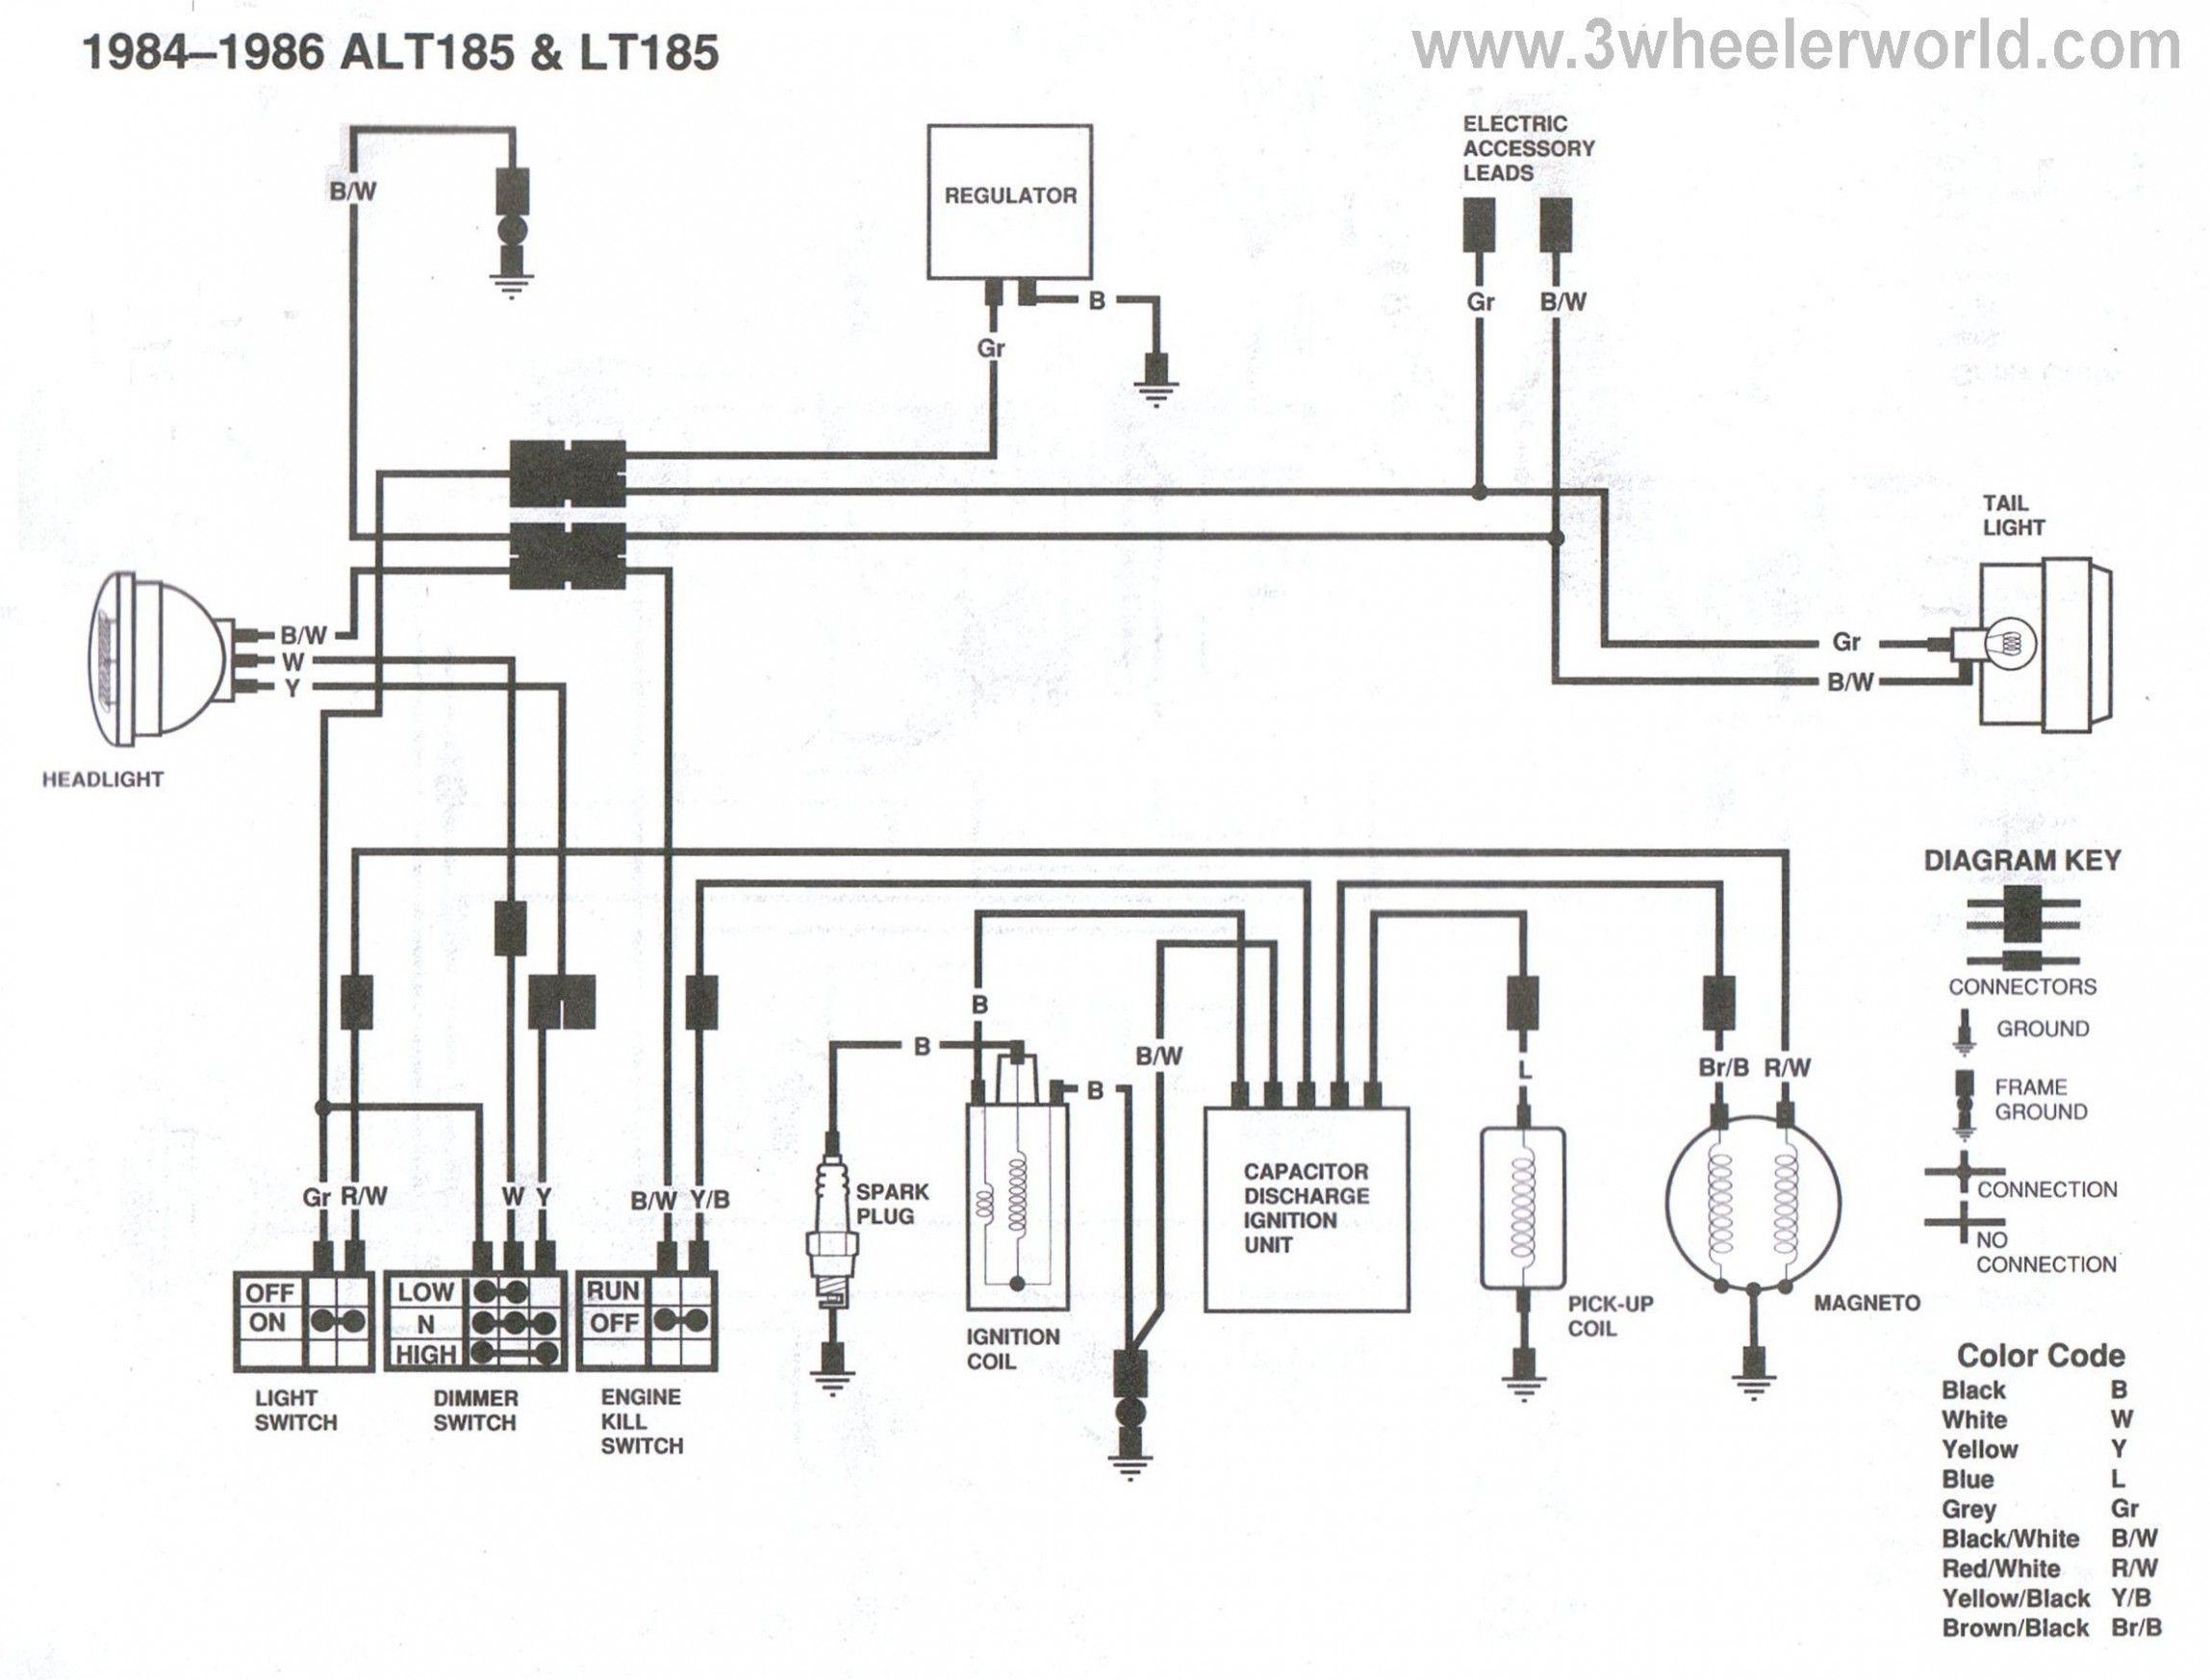 polaris engine diagram engine diagram 8 suzuki xl8 malaysia engine diagram 8 suzuki xl8  engine diagram 8 suzuki xl8 malaysia